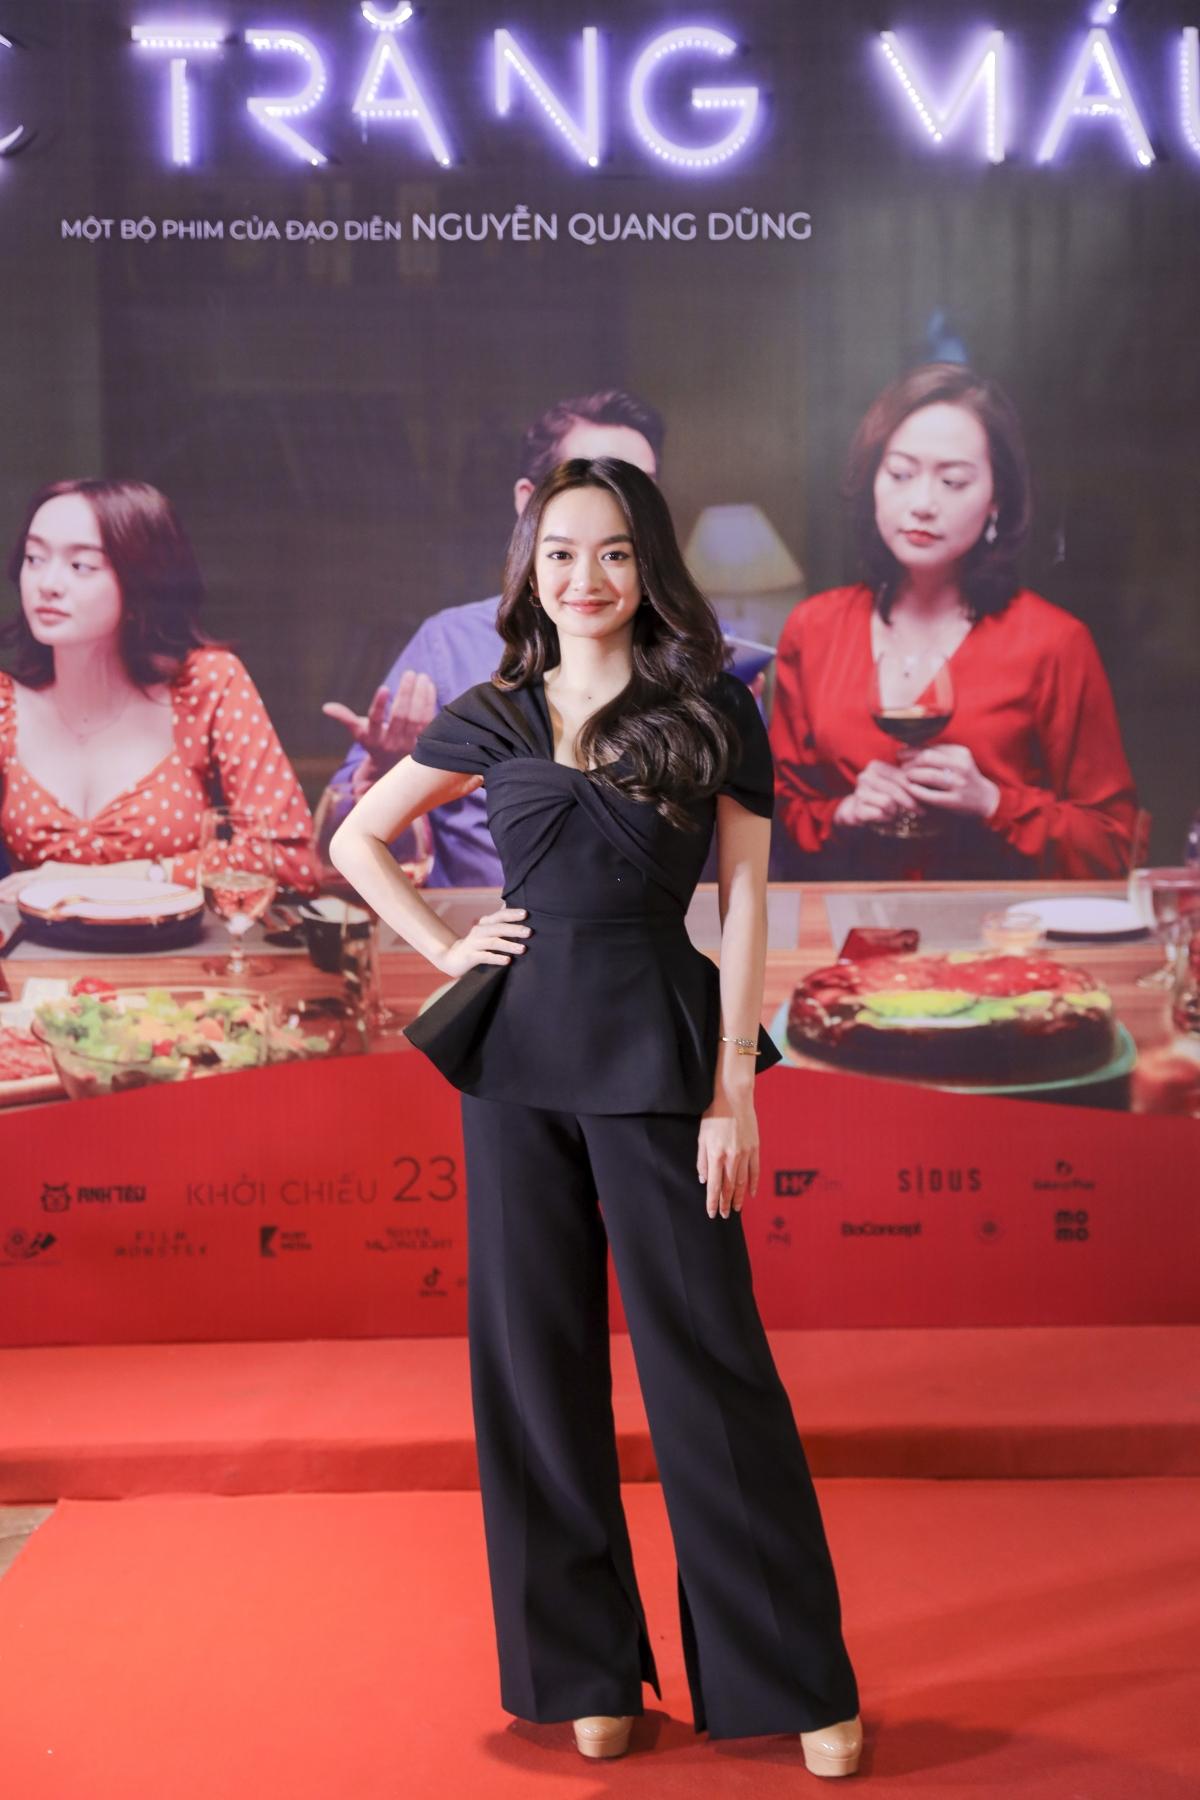 """Kaity Nguyễn rạng rỡ trong buổi công chiếu """"Tiệc trăng máu"""" tại Hà Nội."""